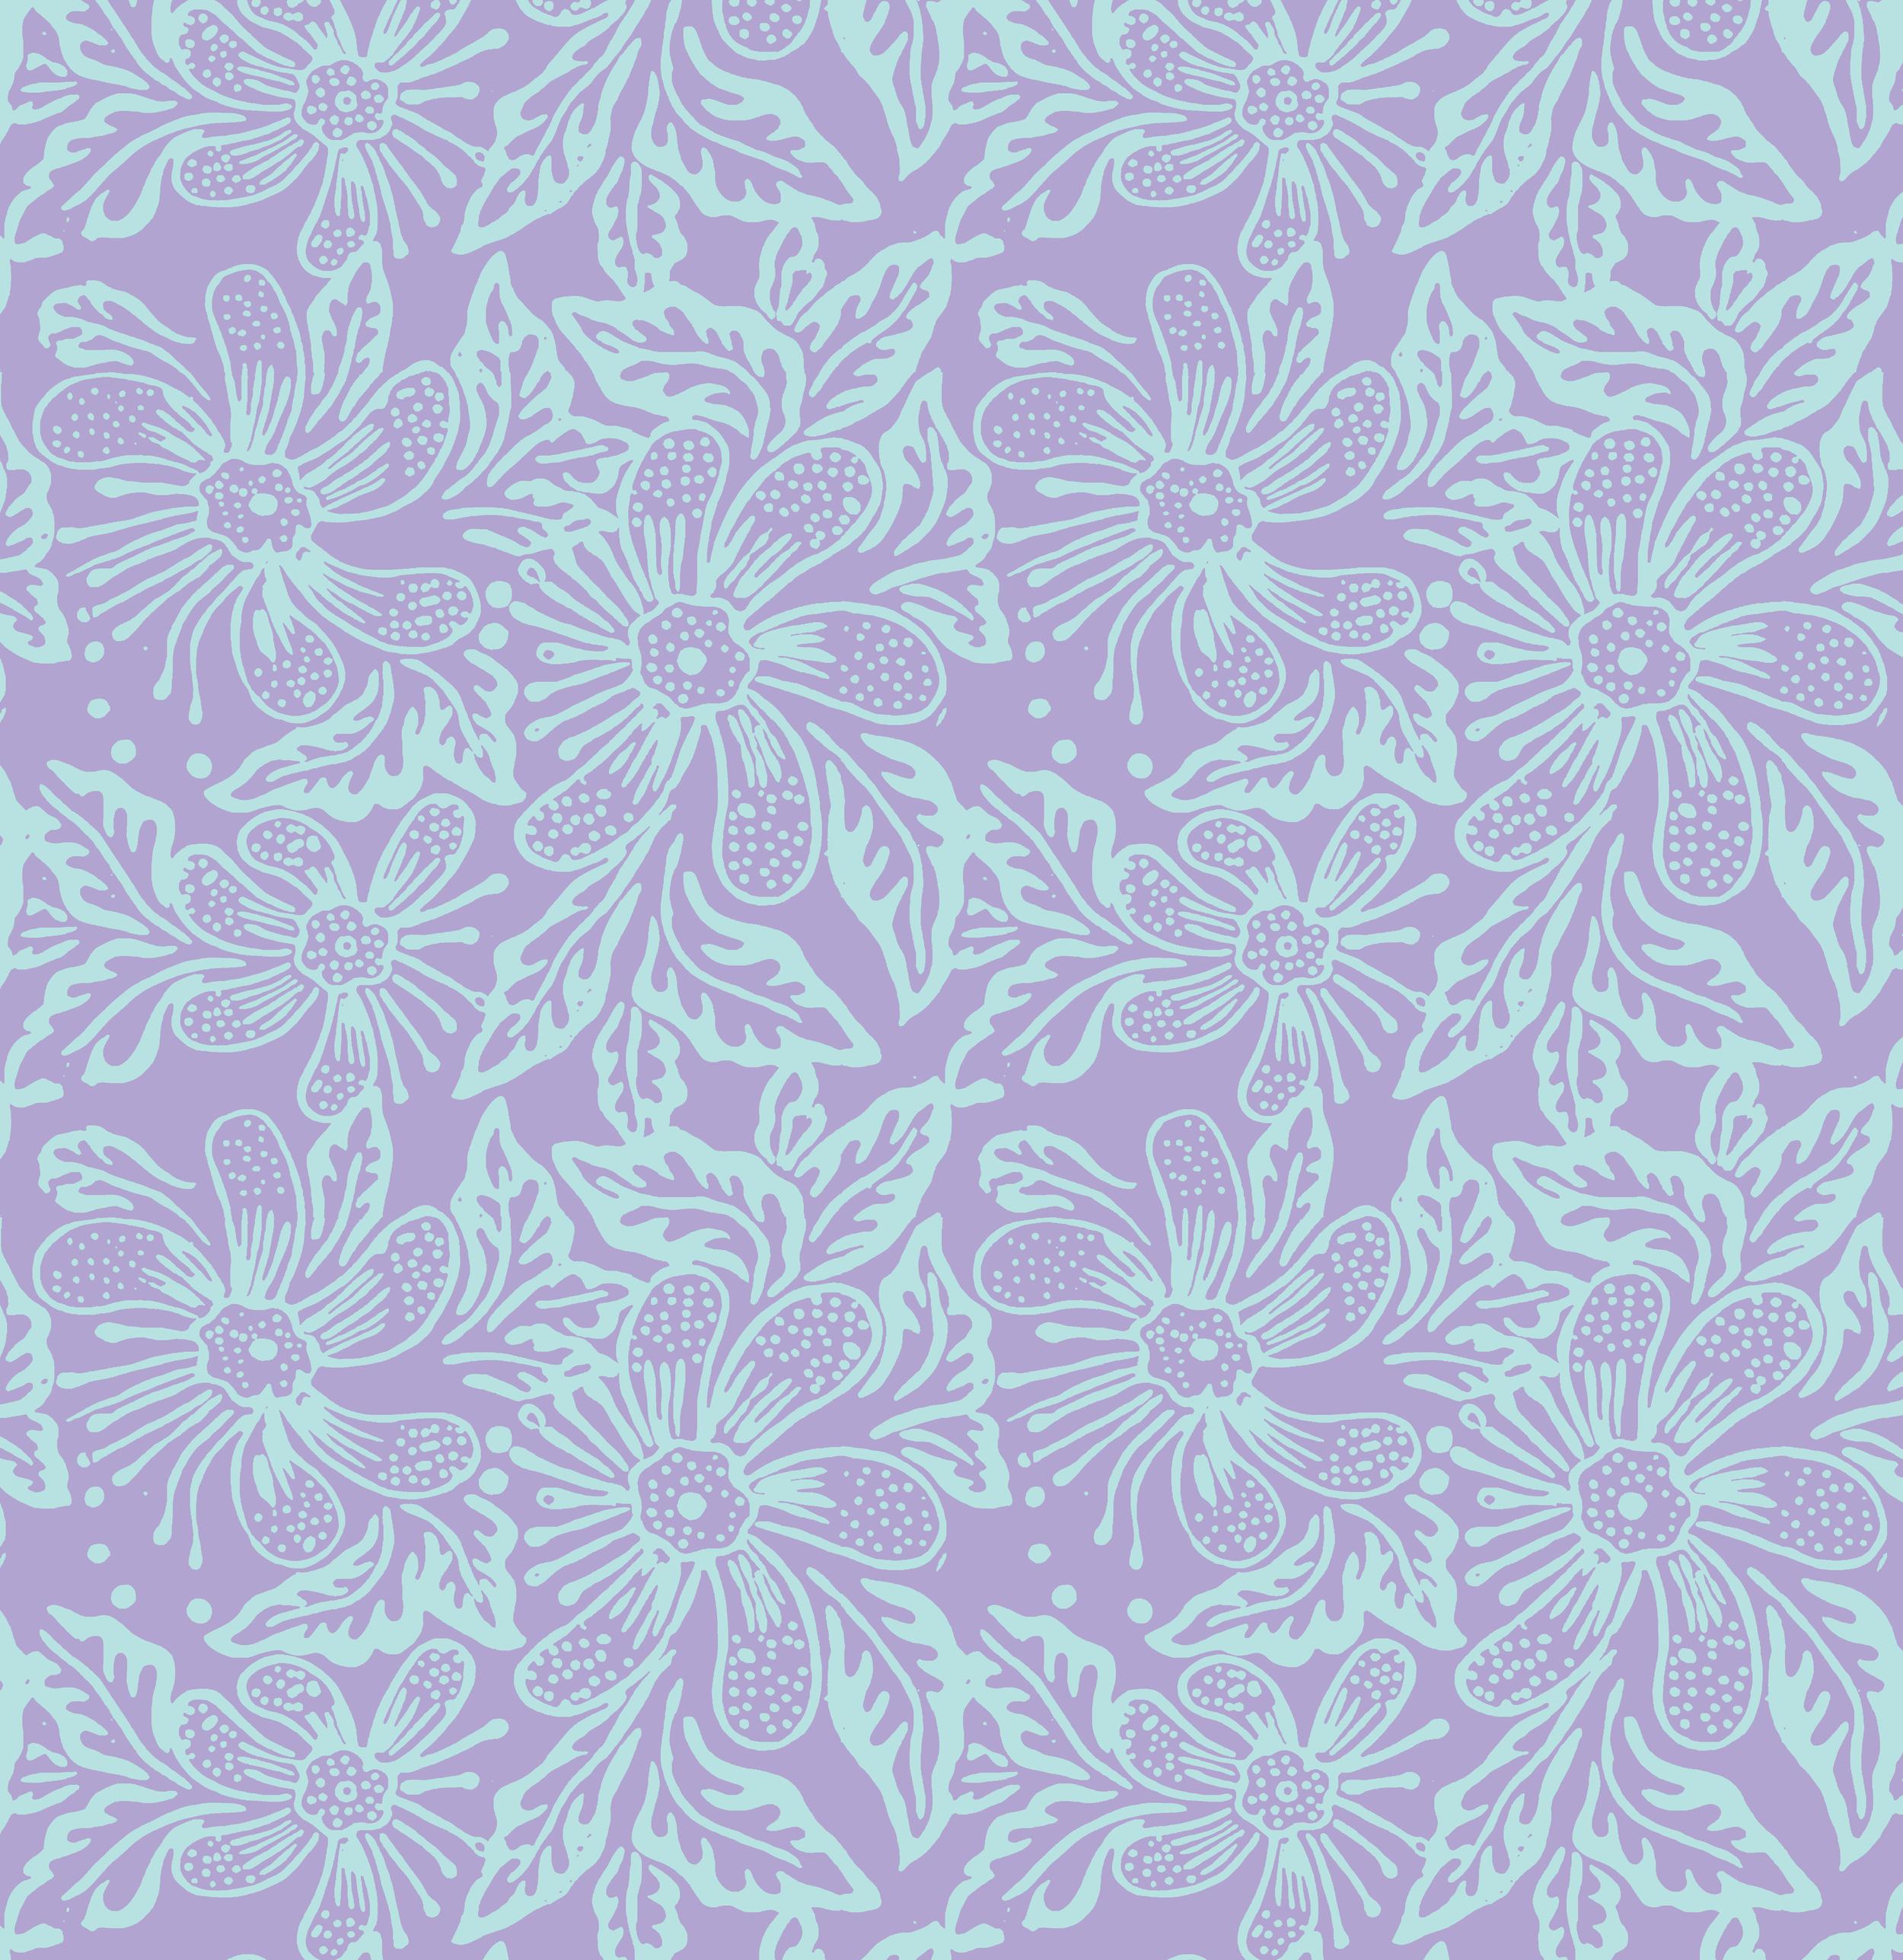 Three Islands R16 & SP16 Batik Floral Print